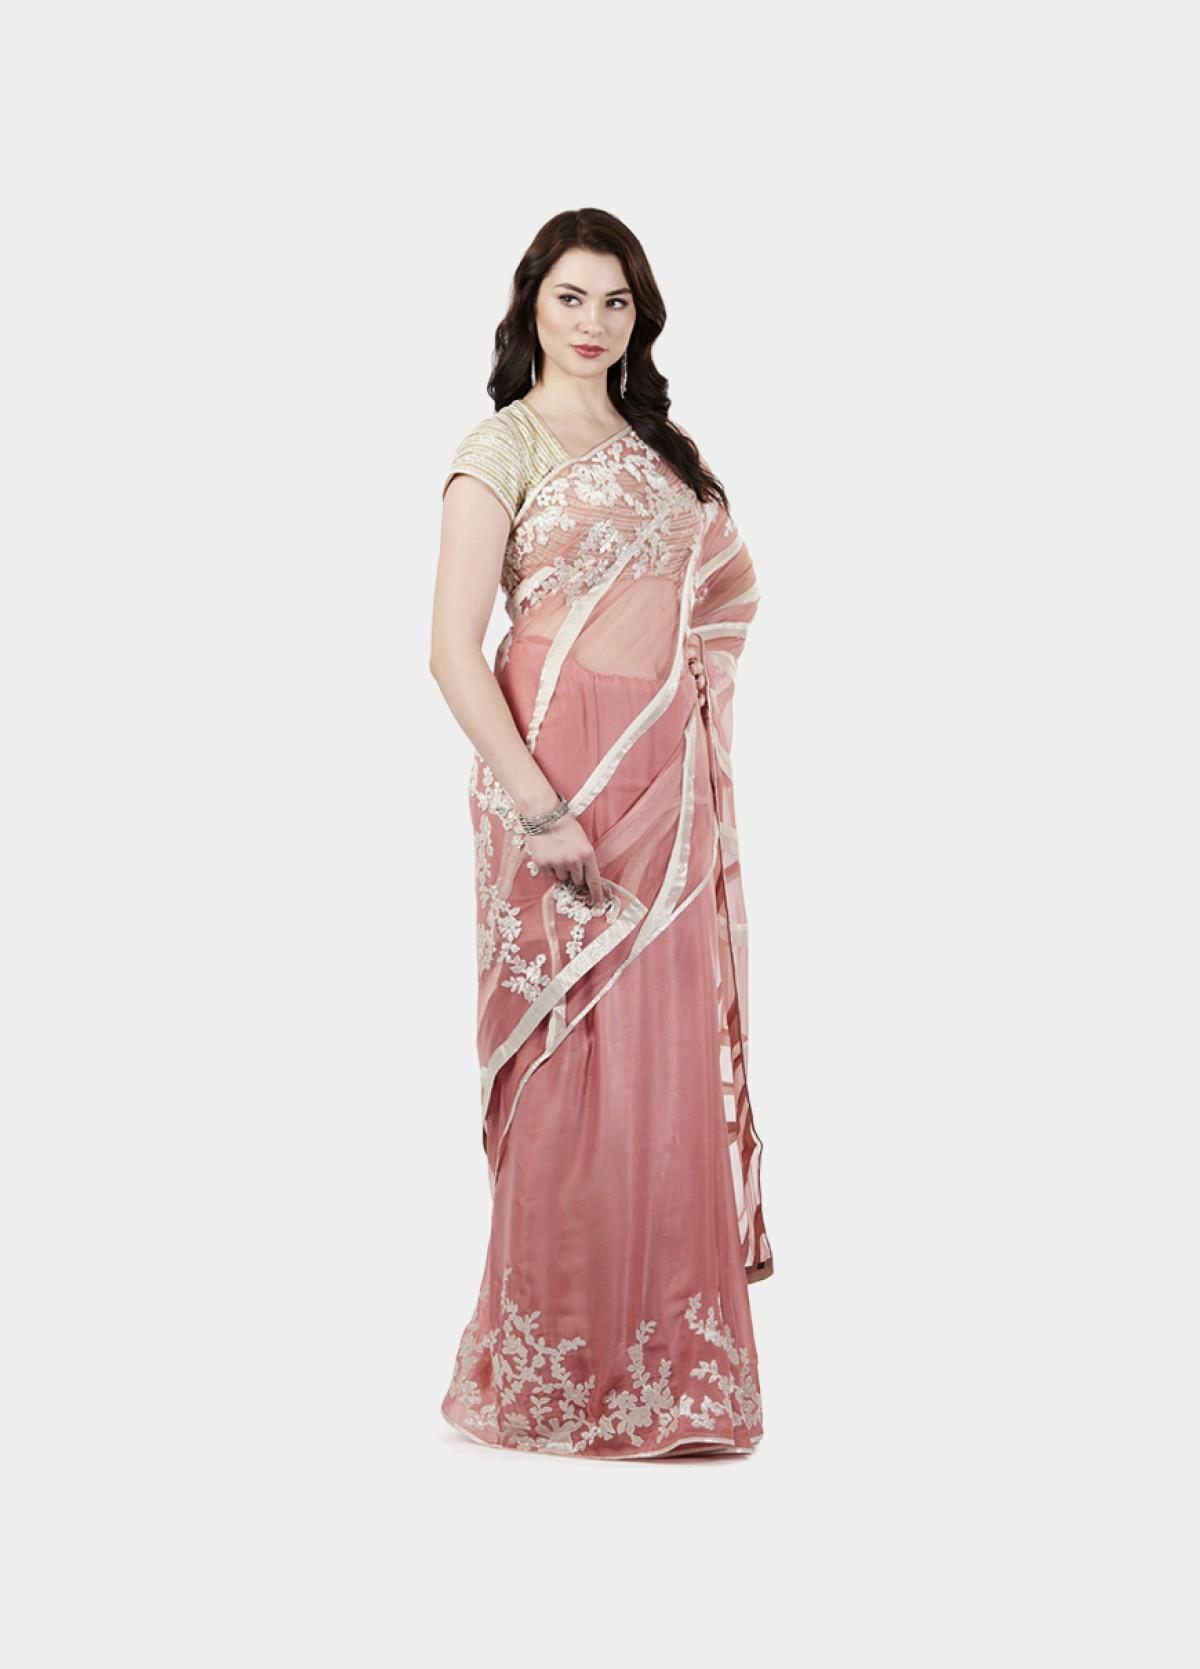 The Wanderings Sari